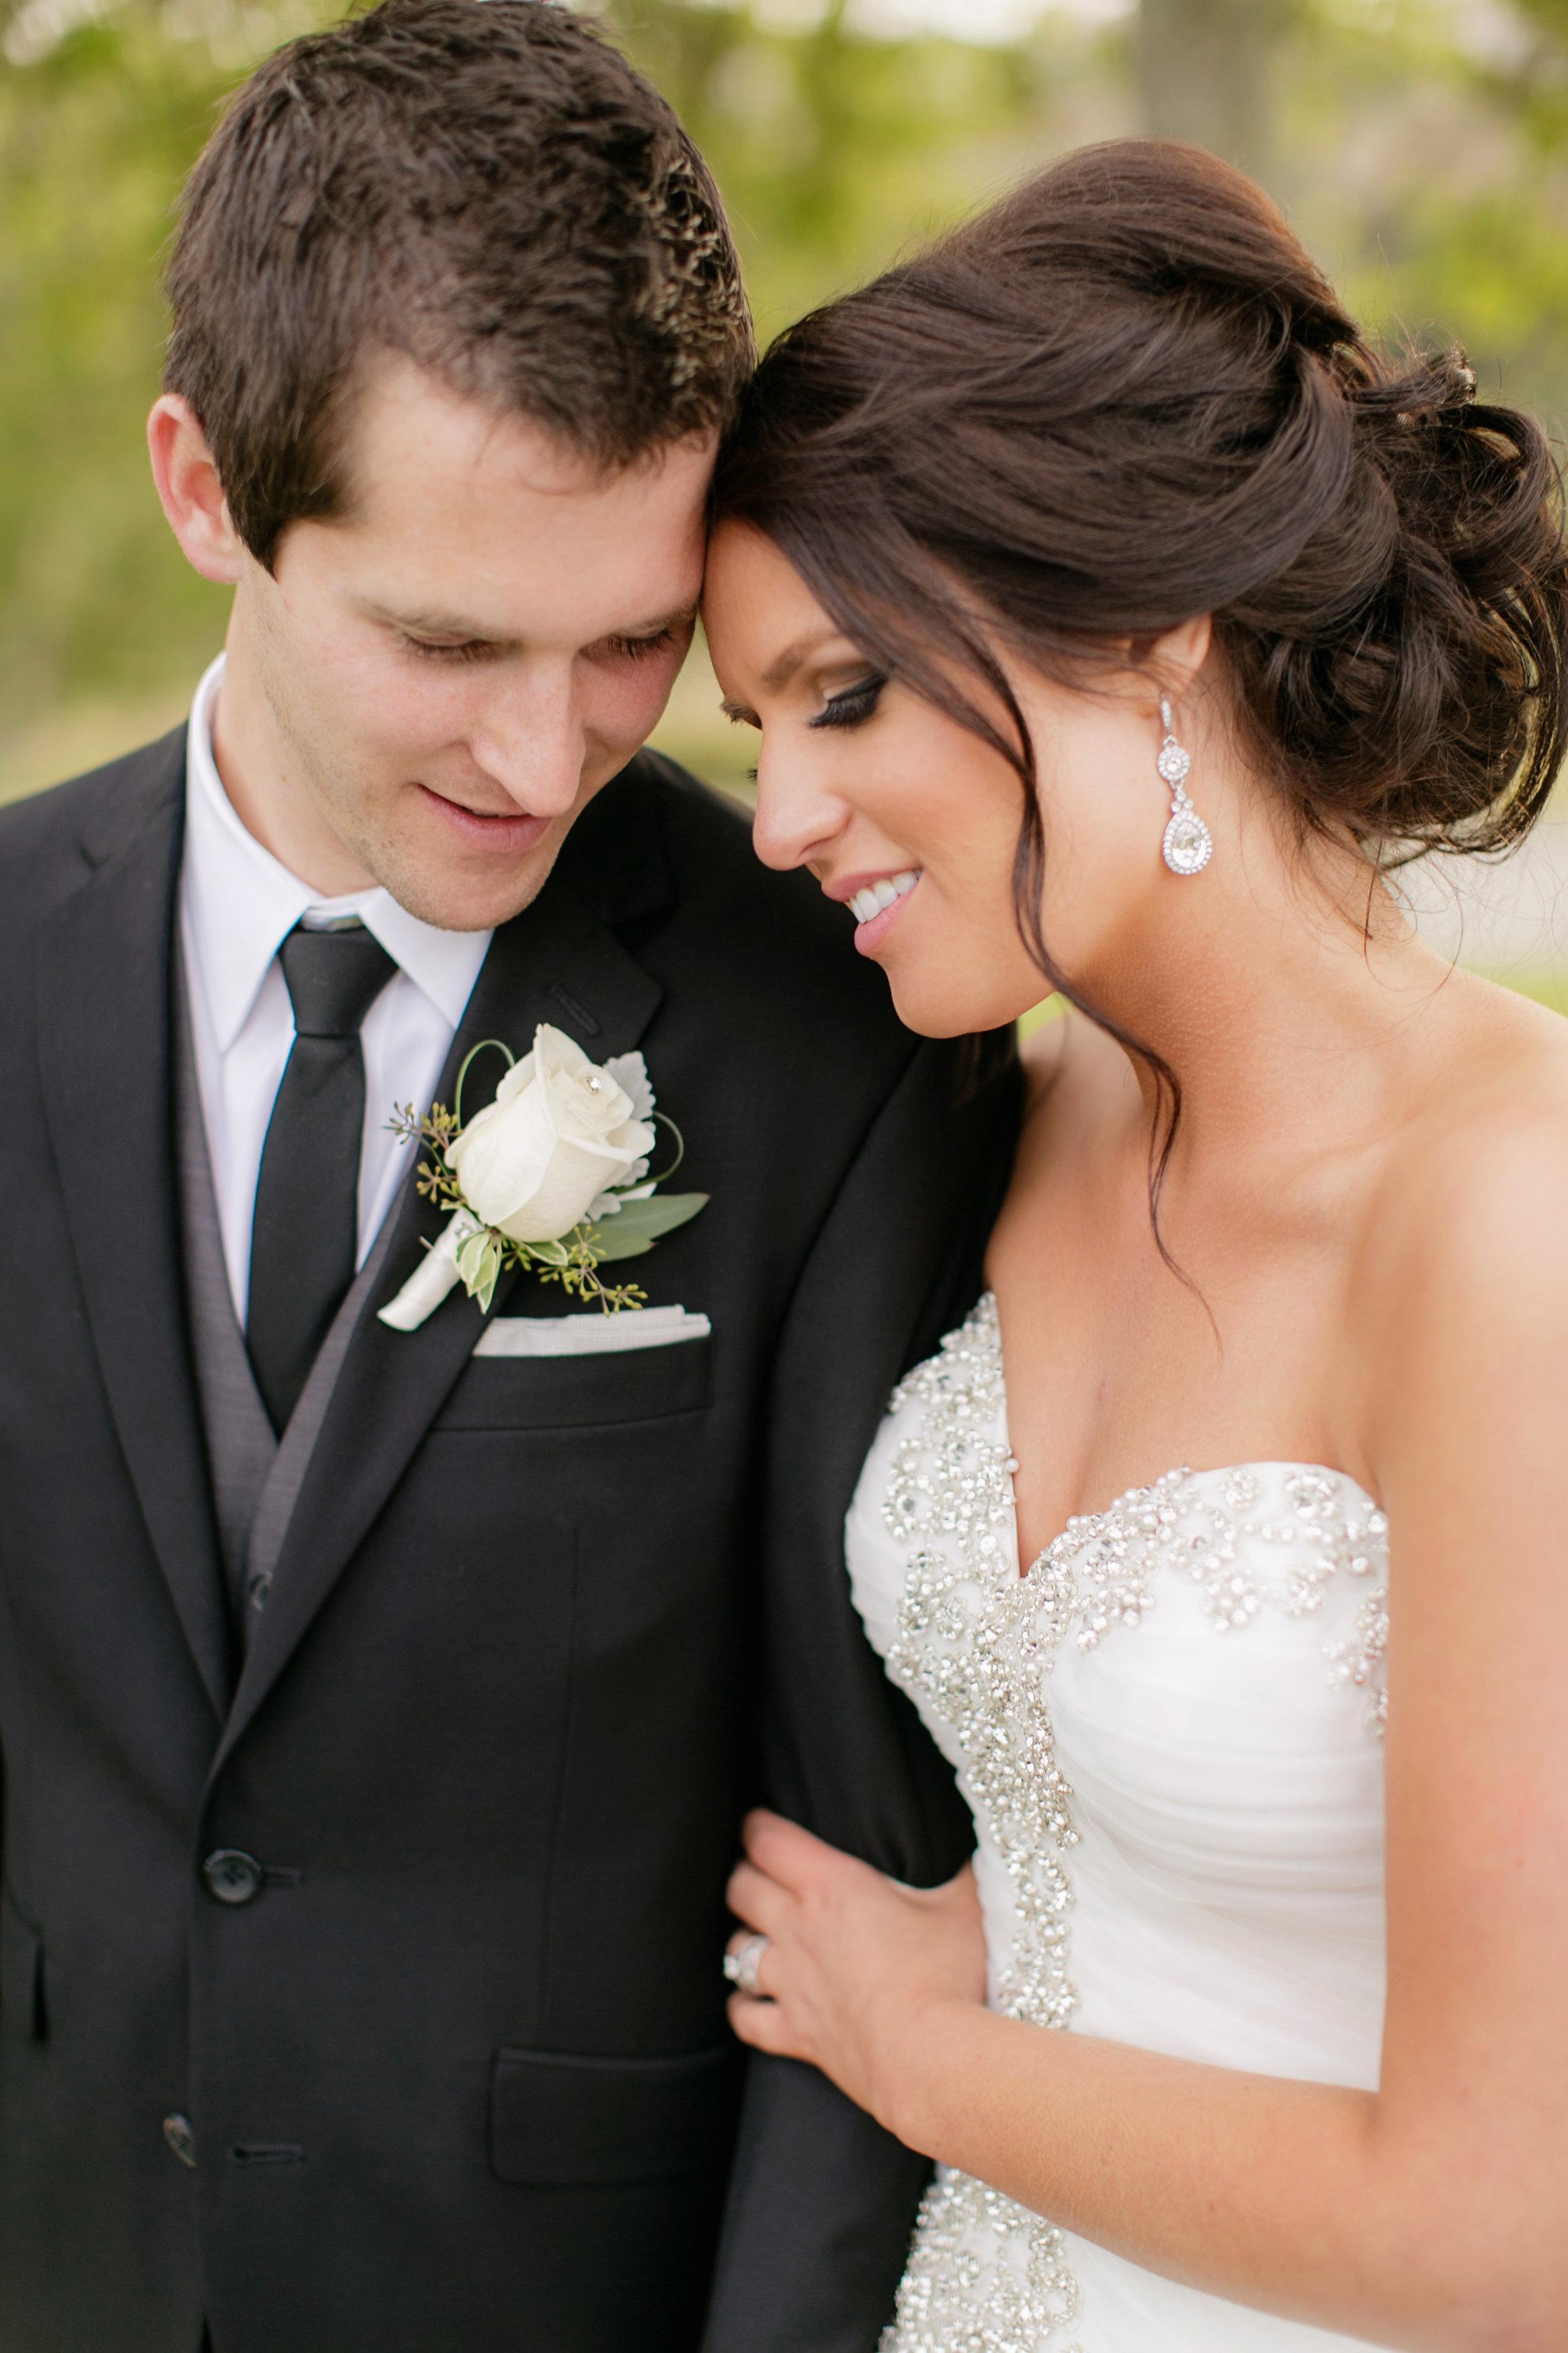 BrideGroom-188.jpg